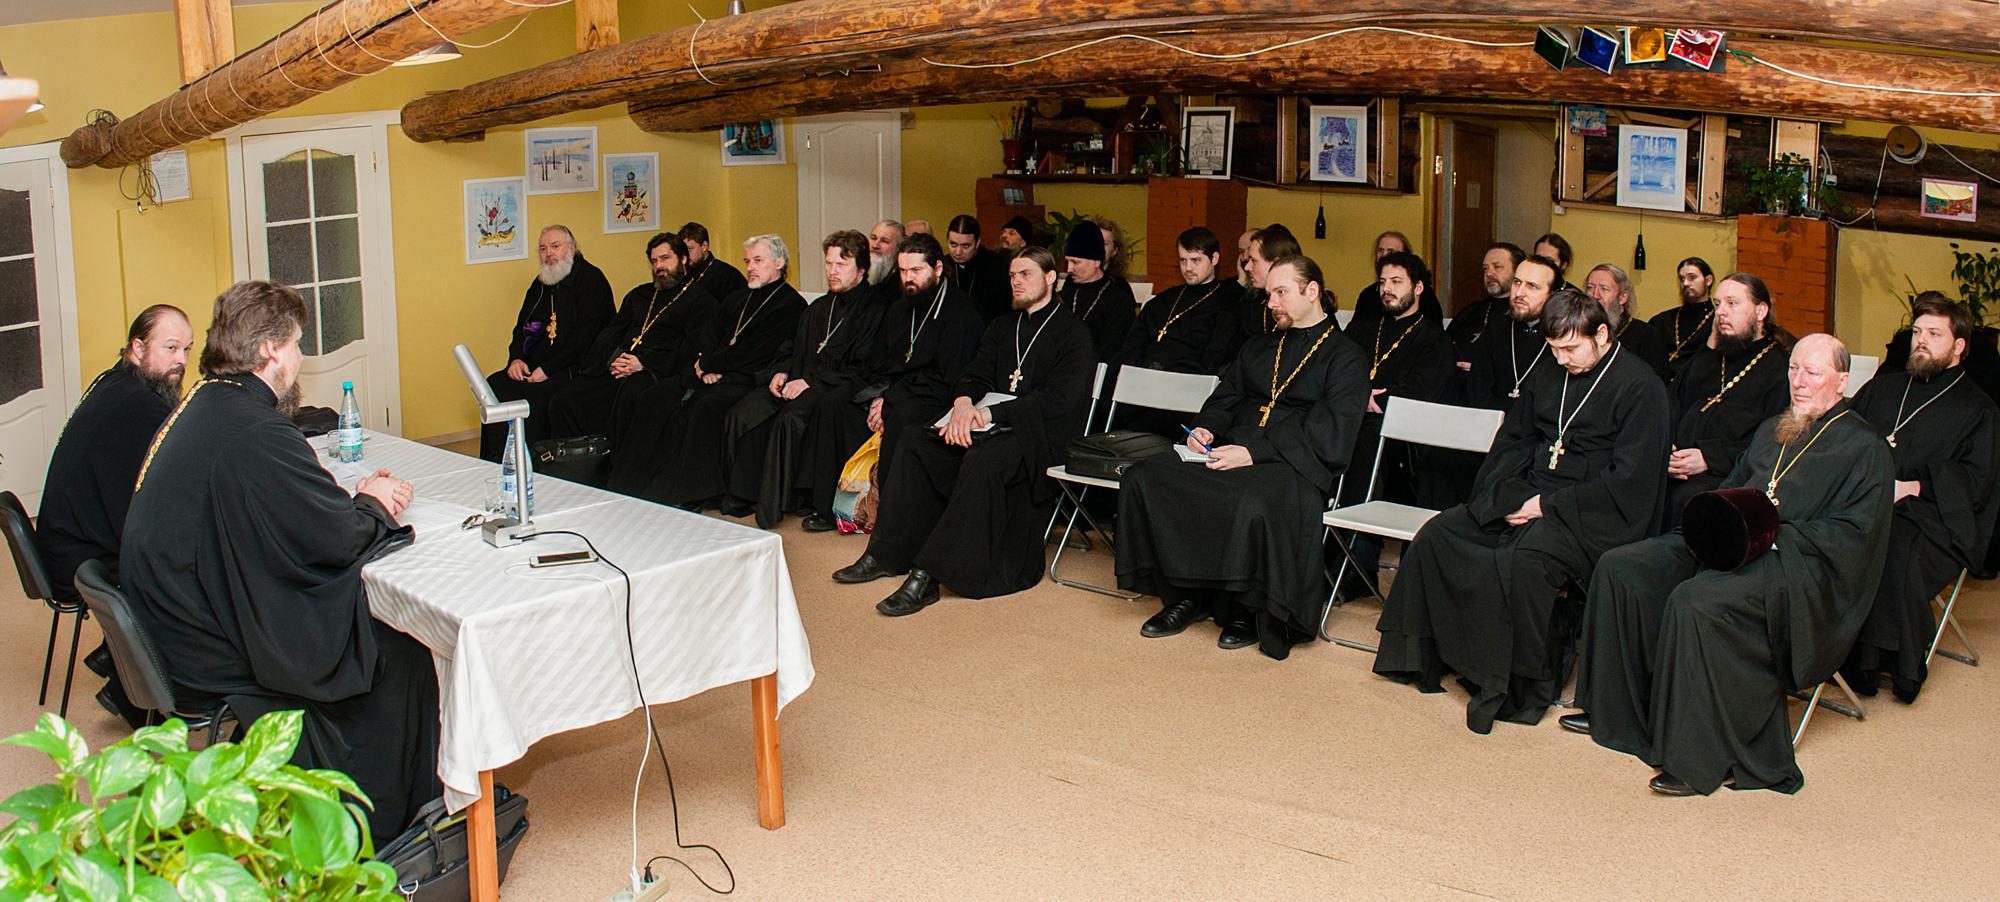 Пастырский семинар в Михаило-Архангельском храме города Коломны